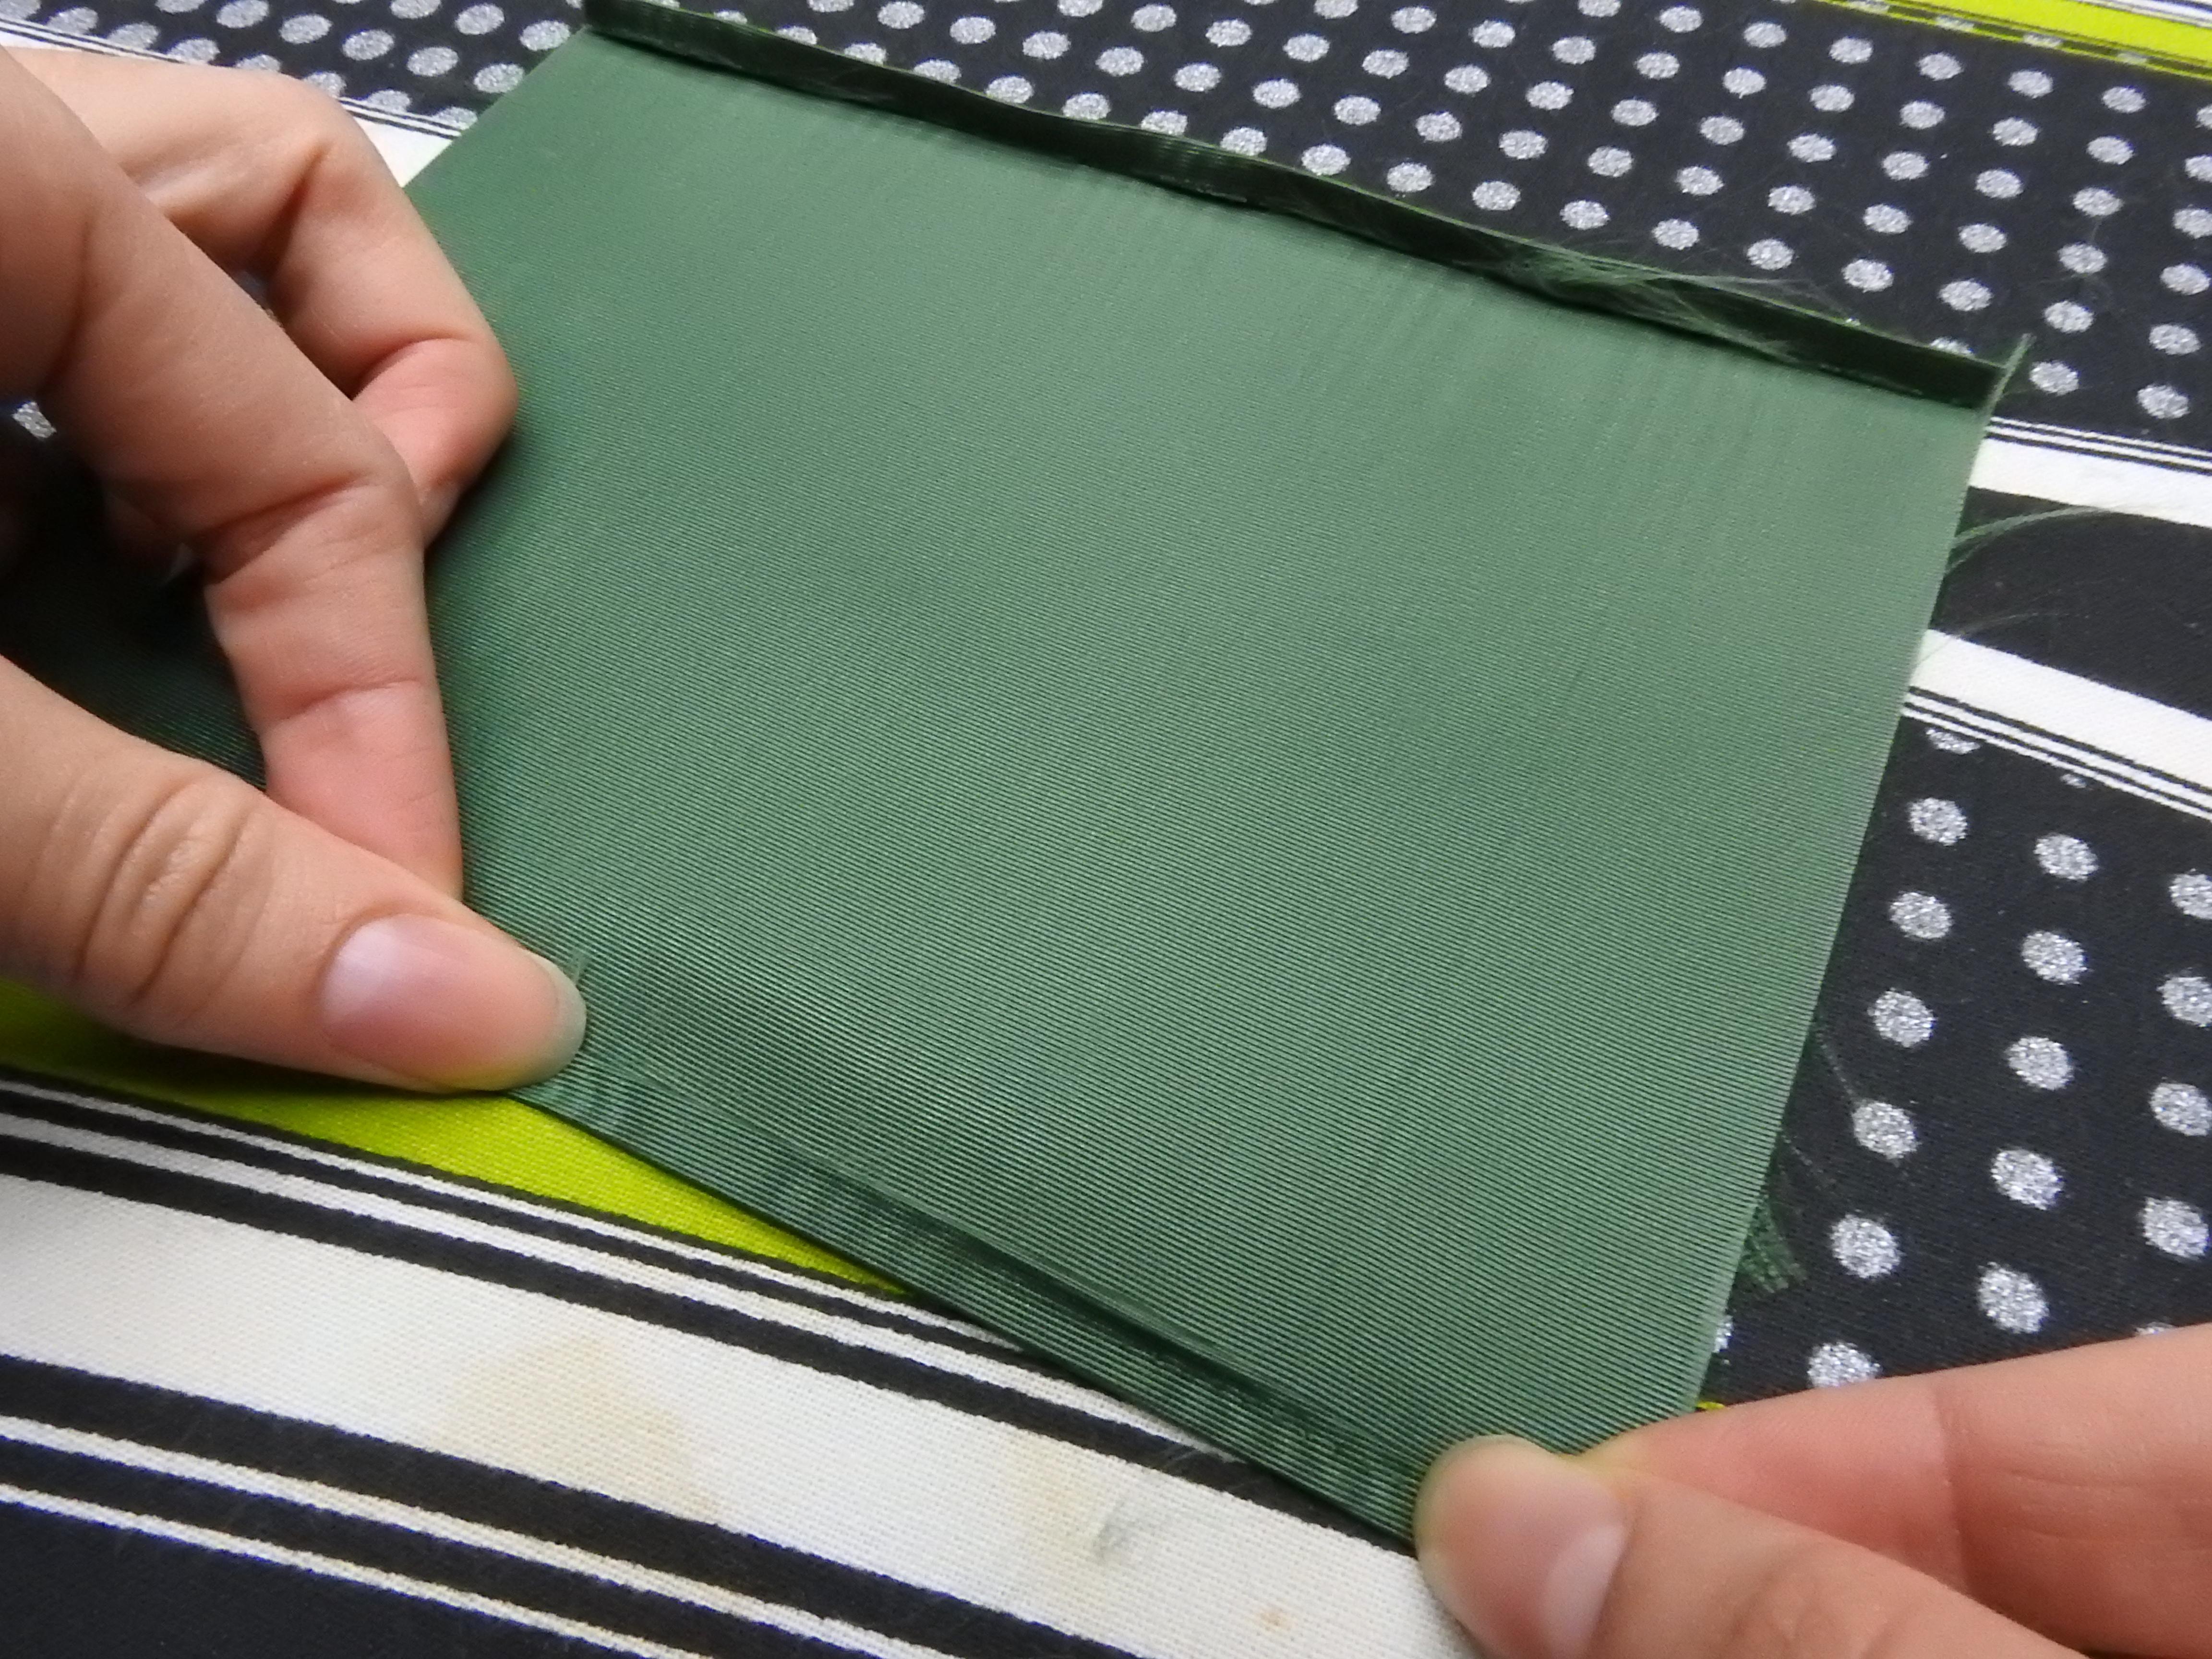 Hemming Fabric